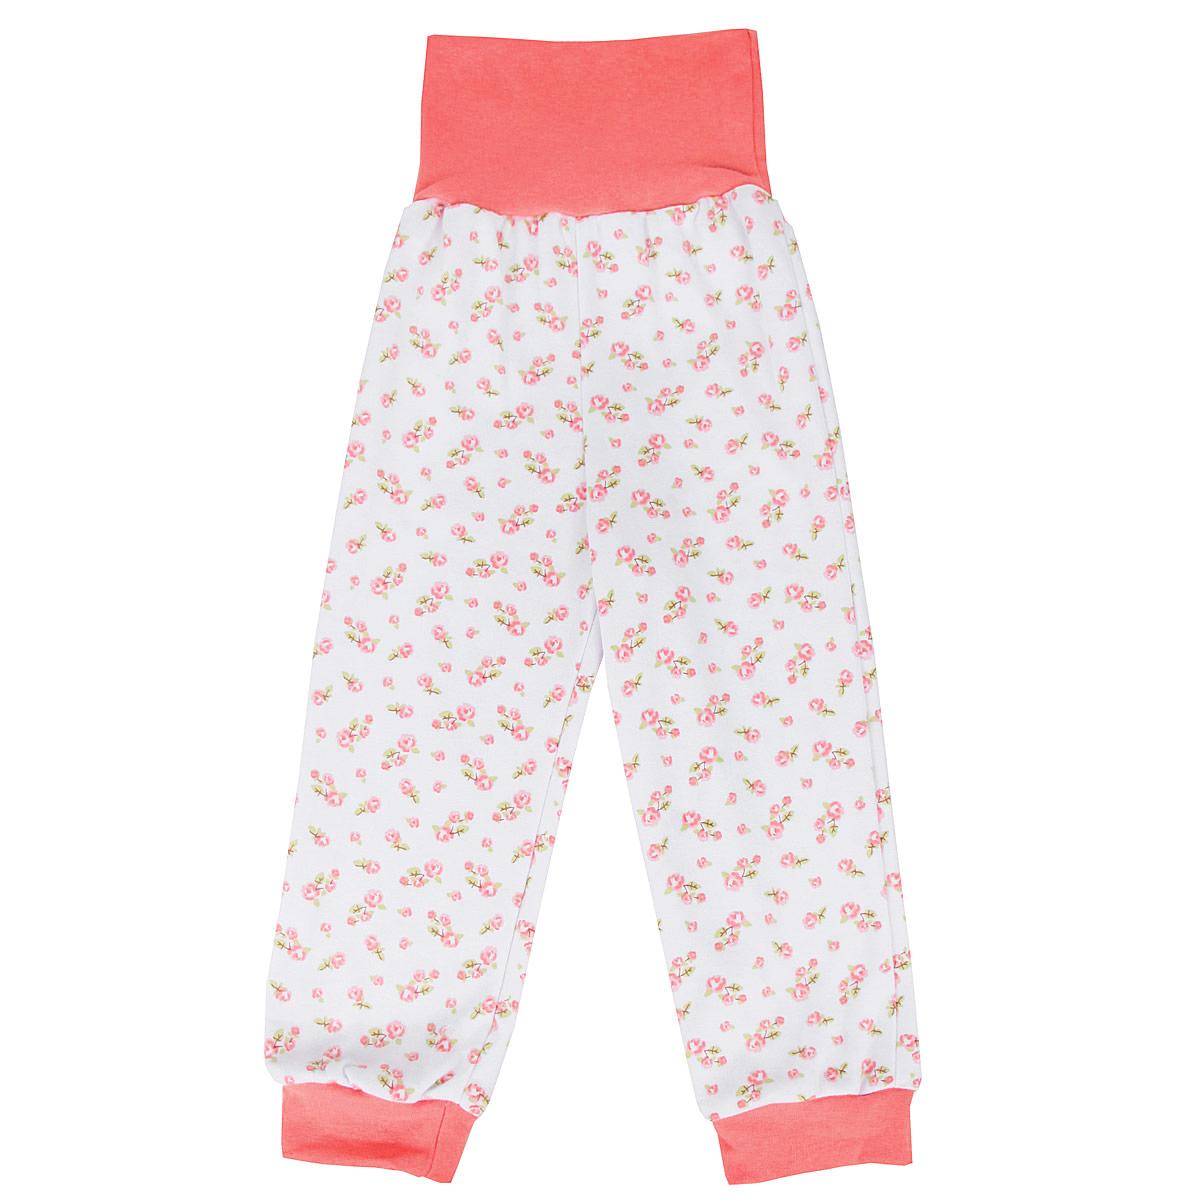 Штанишки на широком поясе для девочки КотМарКот, цвет: белый, розовый. 3566. Размер 56, 0-1 месяц брюки котмаркот штанишки сердечко